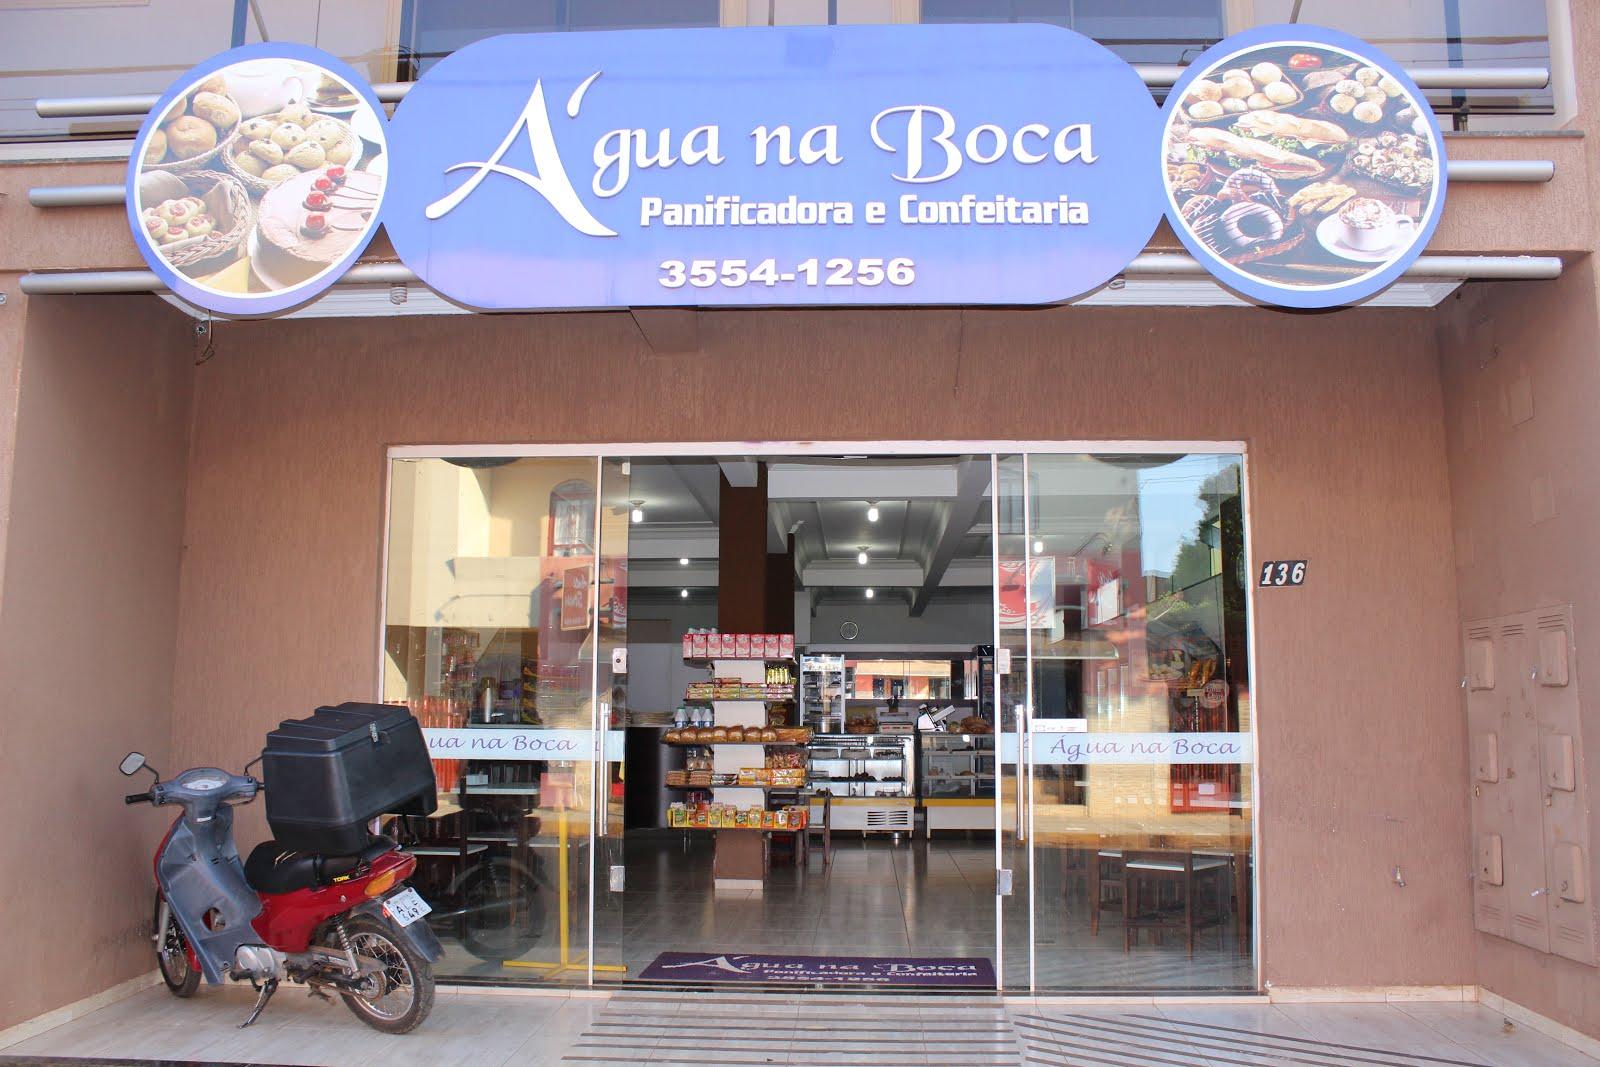 PADARIA E CONFEITARIA ÁGUA NA BOCA..